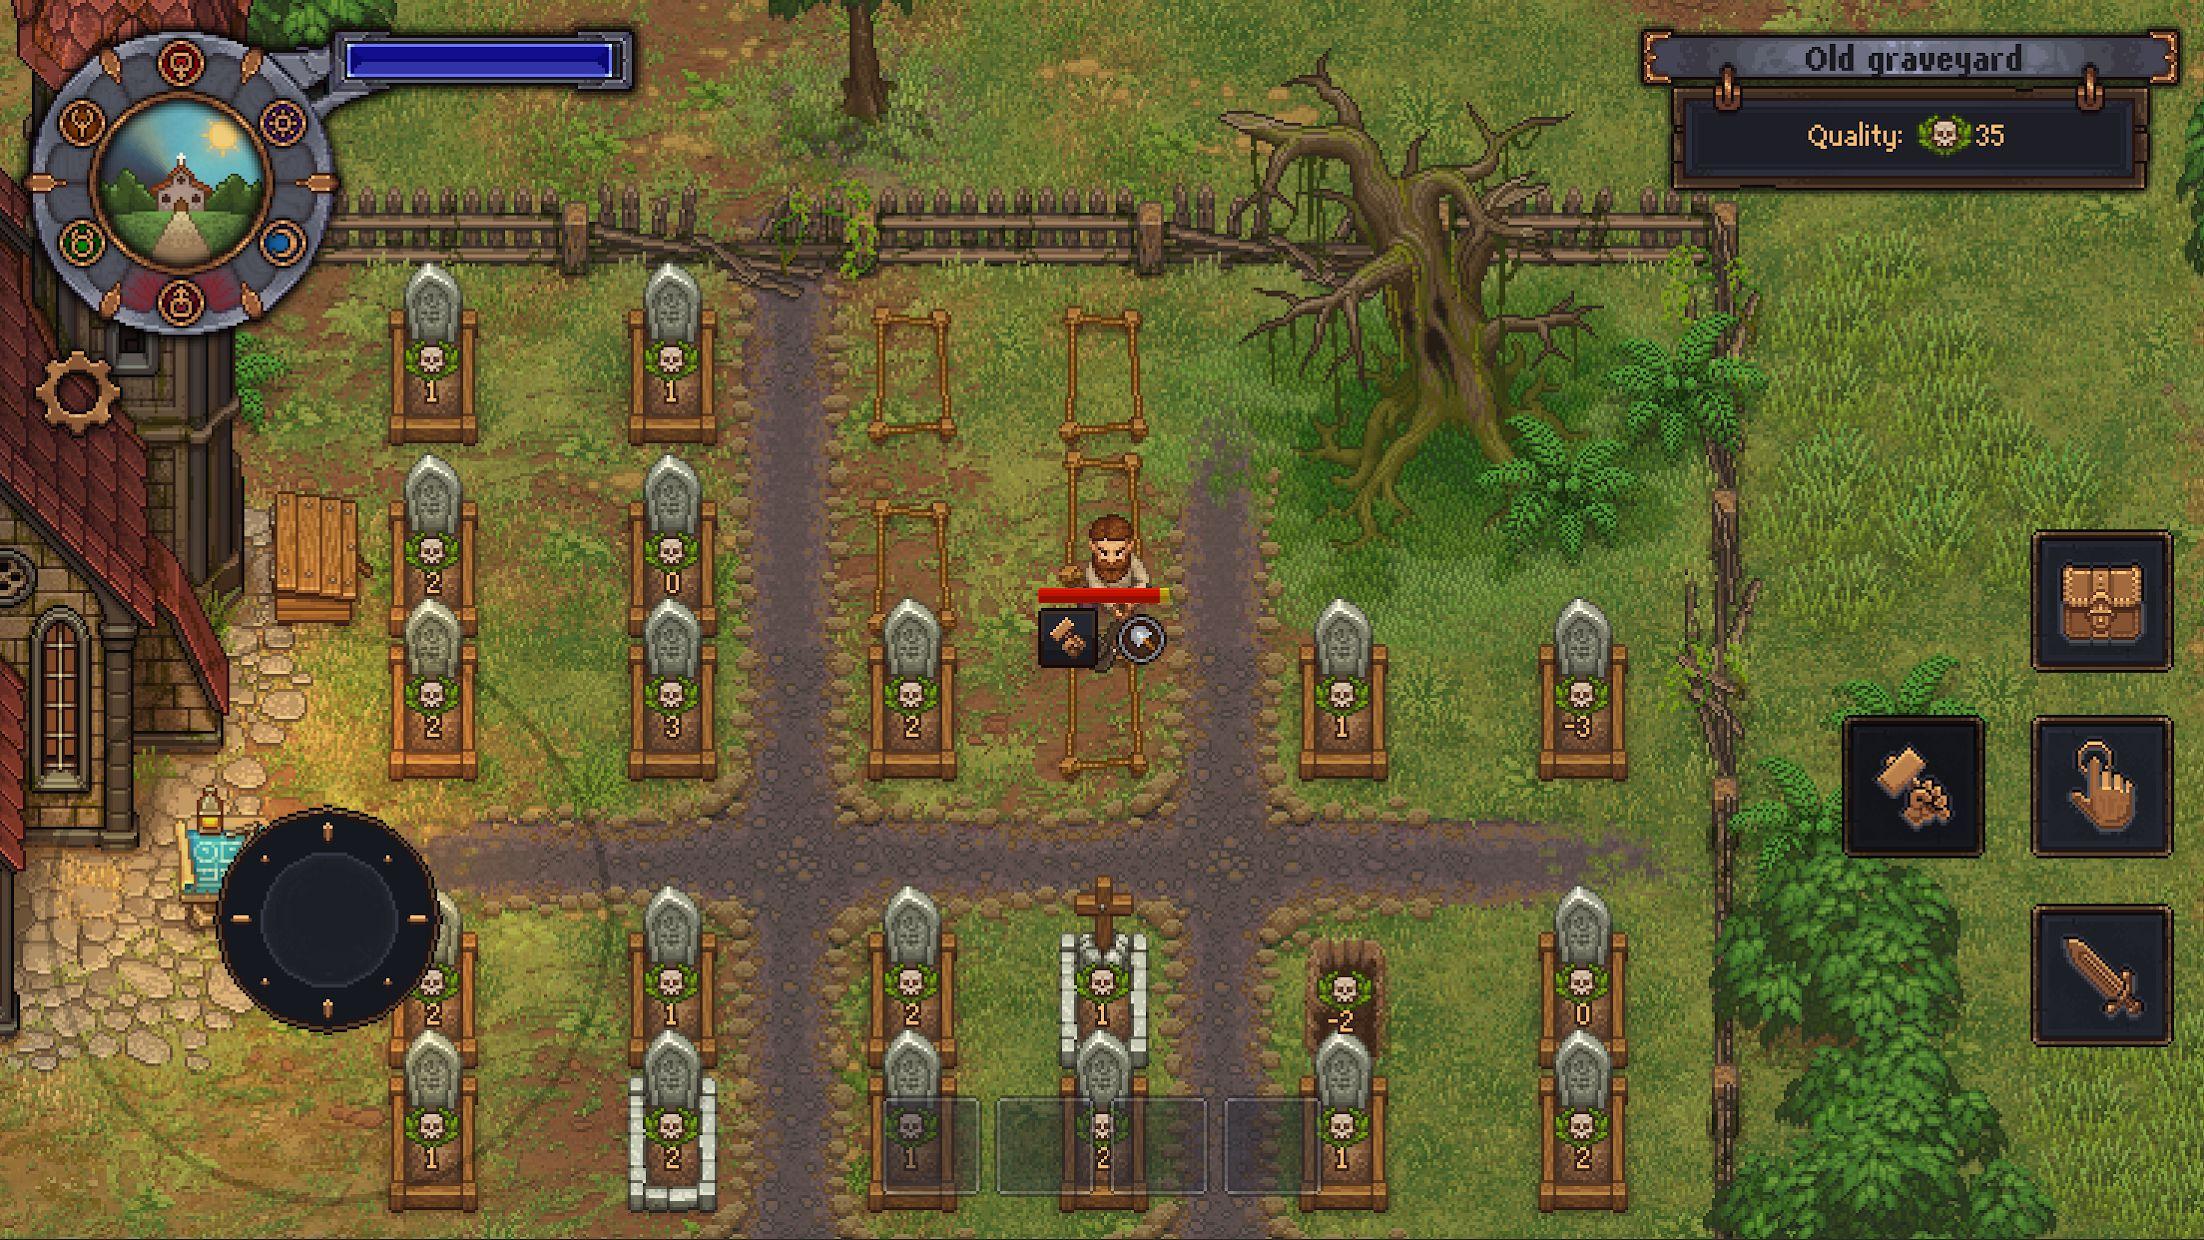 游戏心得-守墓人一次获得两个尸体方法